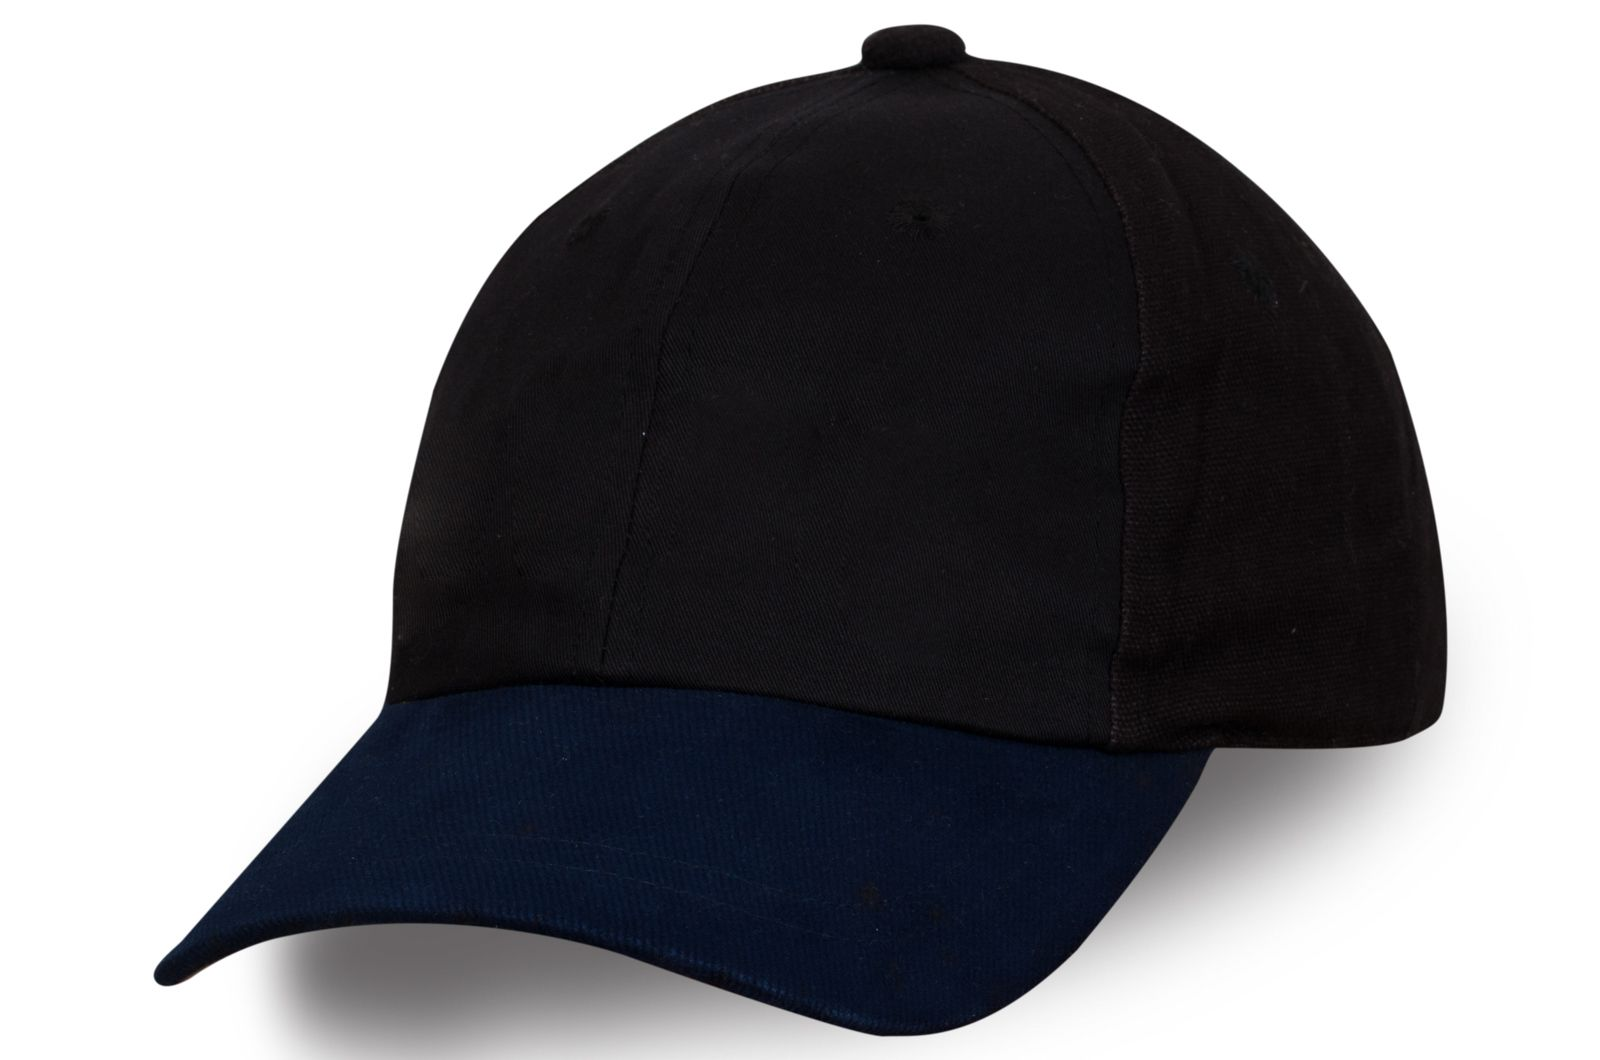 Черная бейсболка с синим козырьком